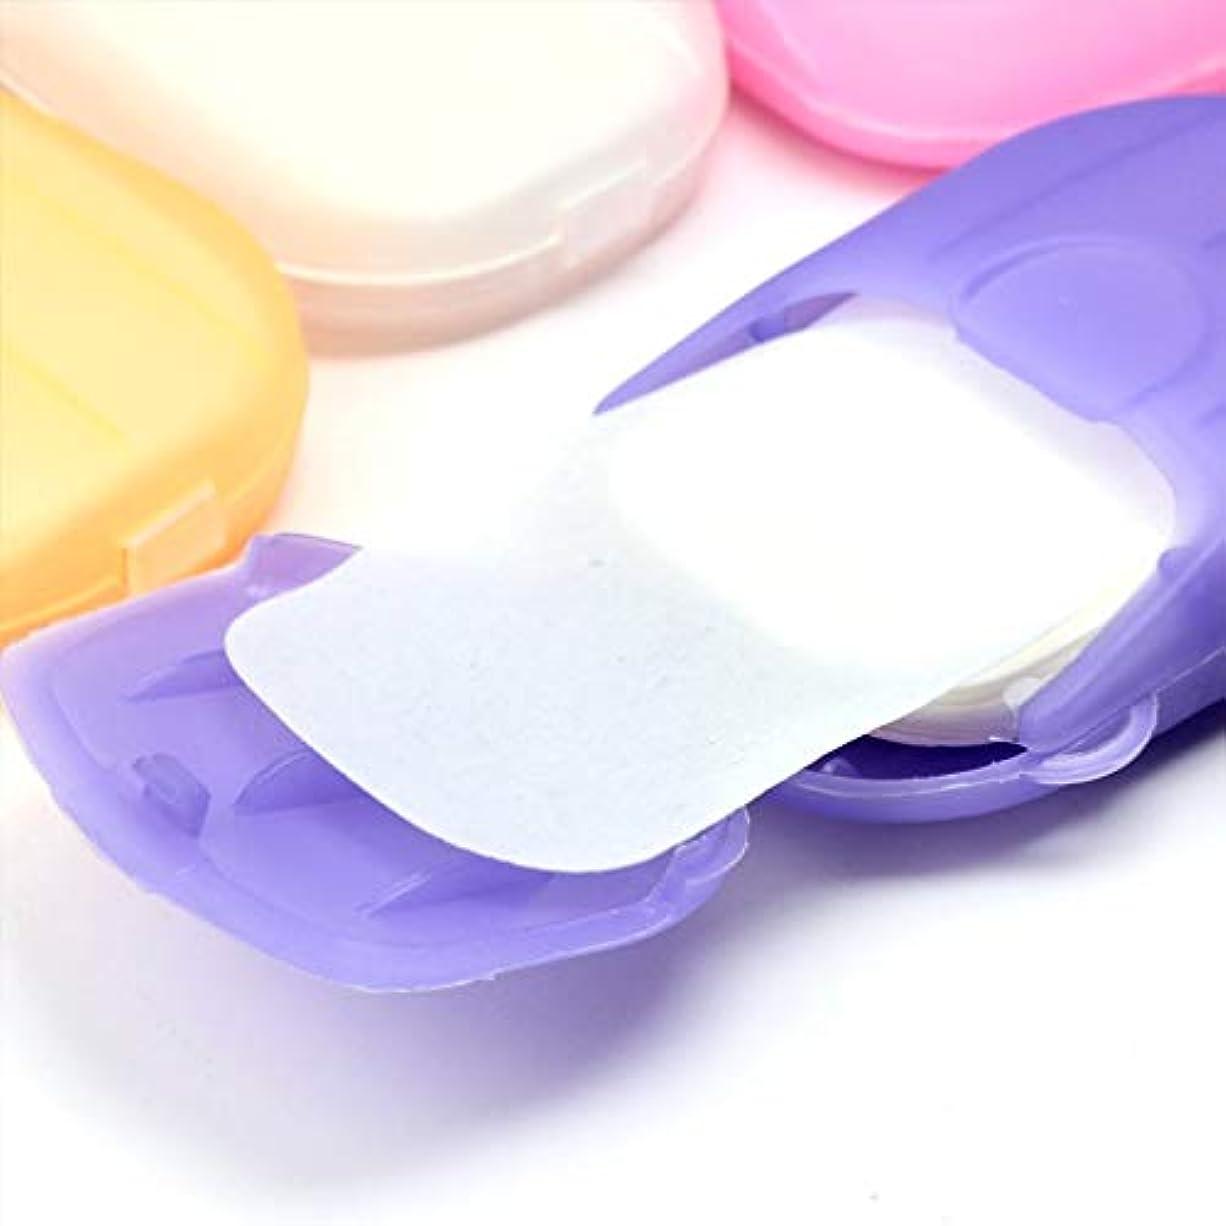 着実に反対した終点1PCS小型携帯手洗い石鹸フレークランダムカラー